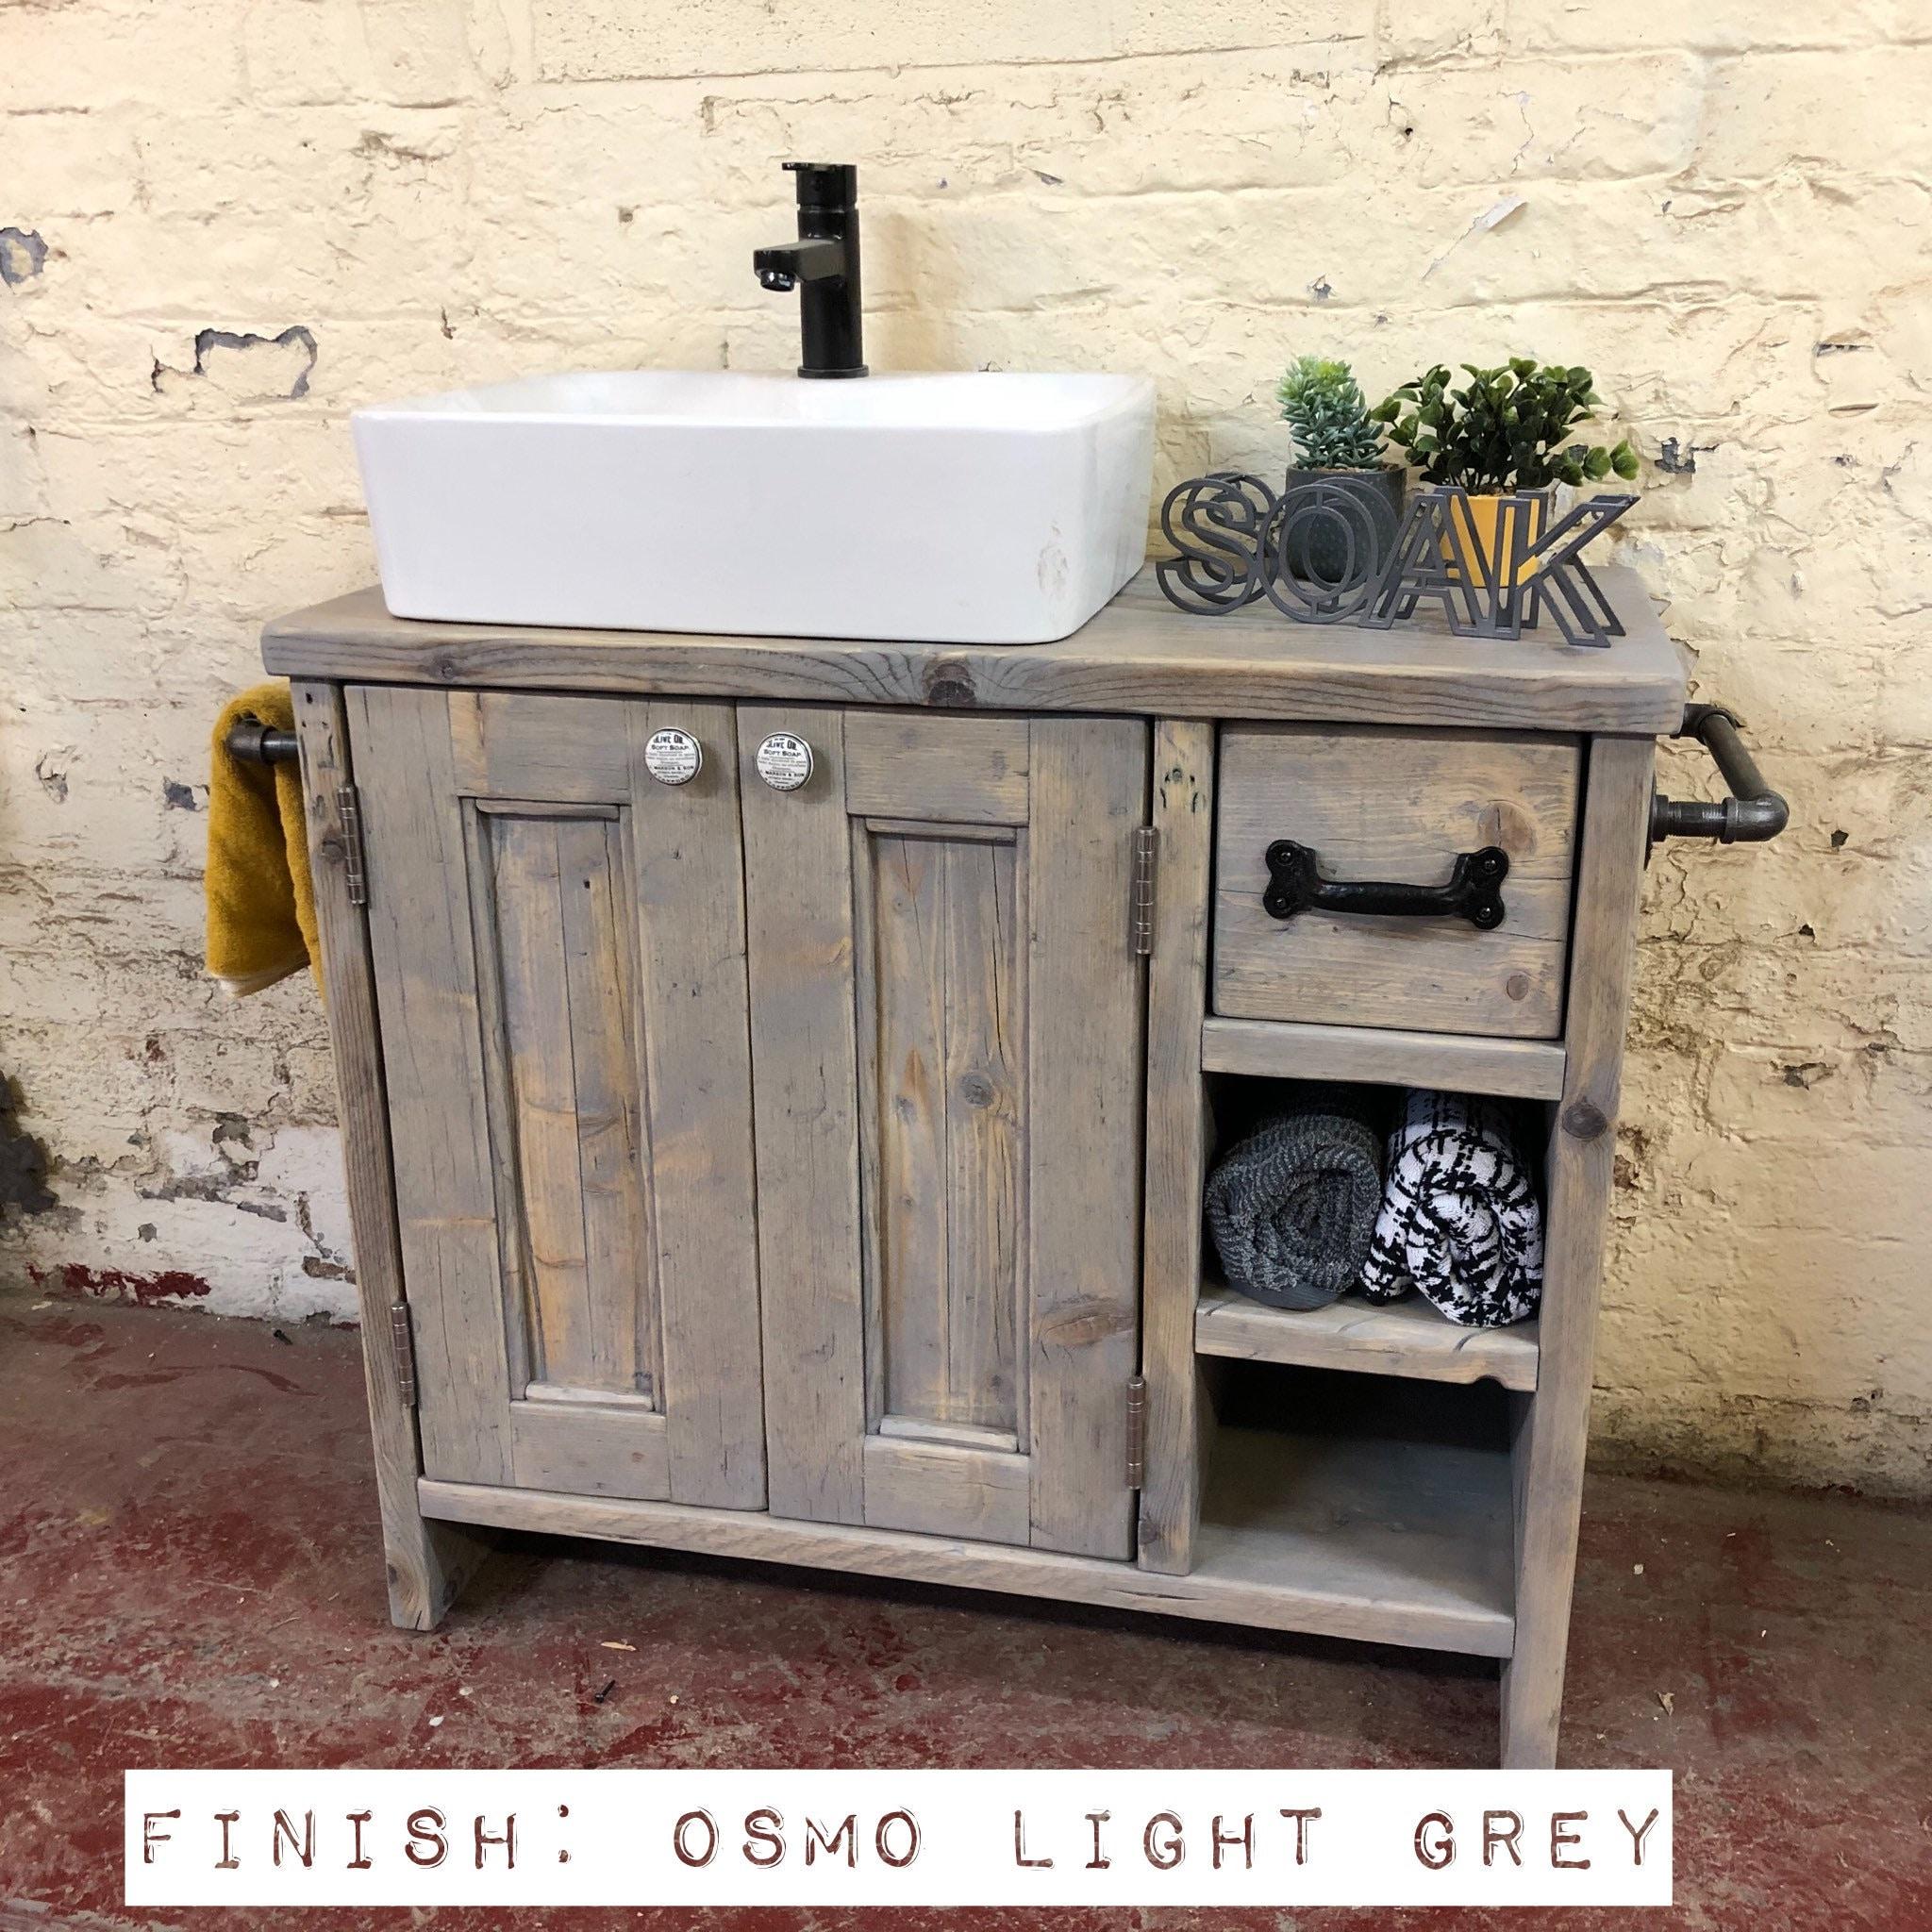 Edinburgh Reclaimed Wood Bathroom Vanity Wood Farmhouse Bathroom Vanity For Sink Rustic Wood Bathroom Vanity With Drawers Wash Stand